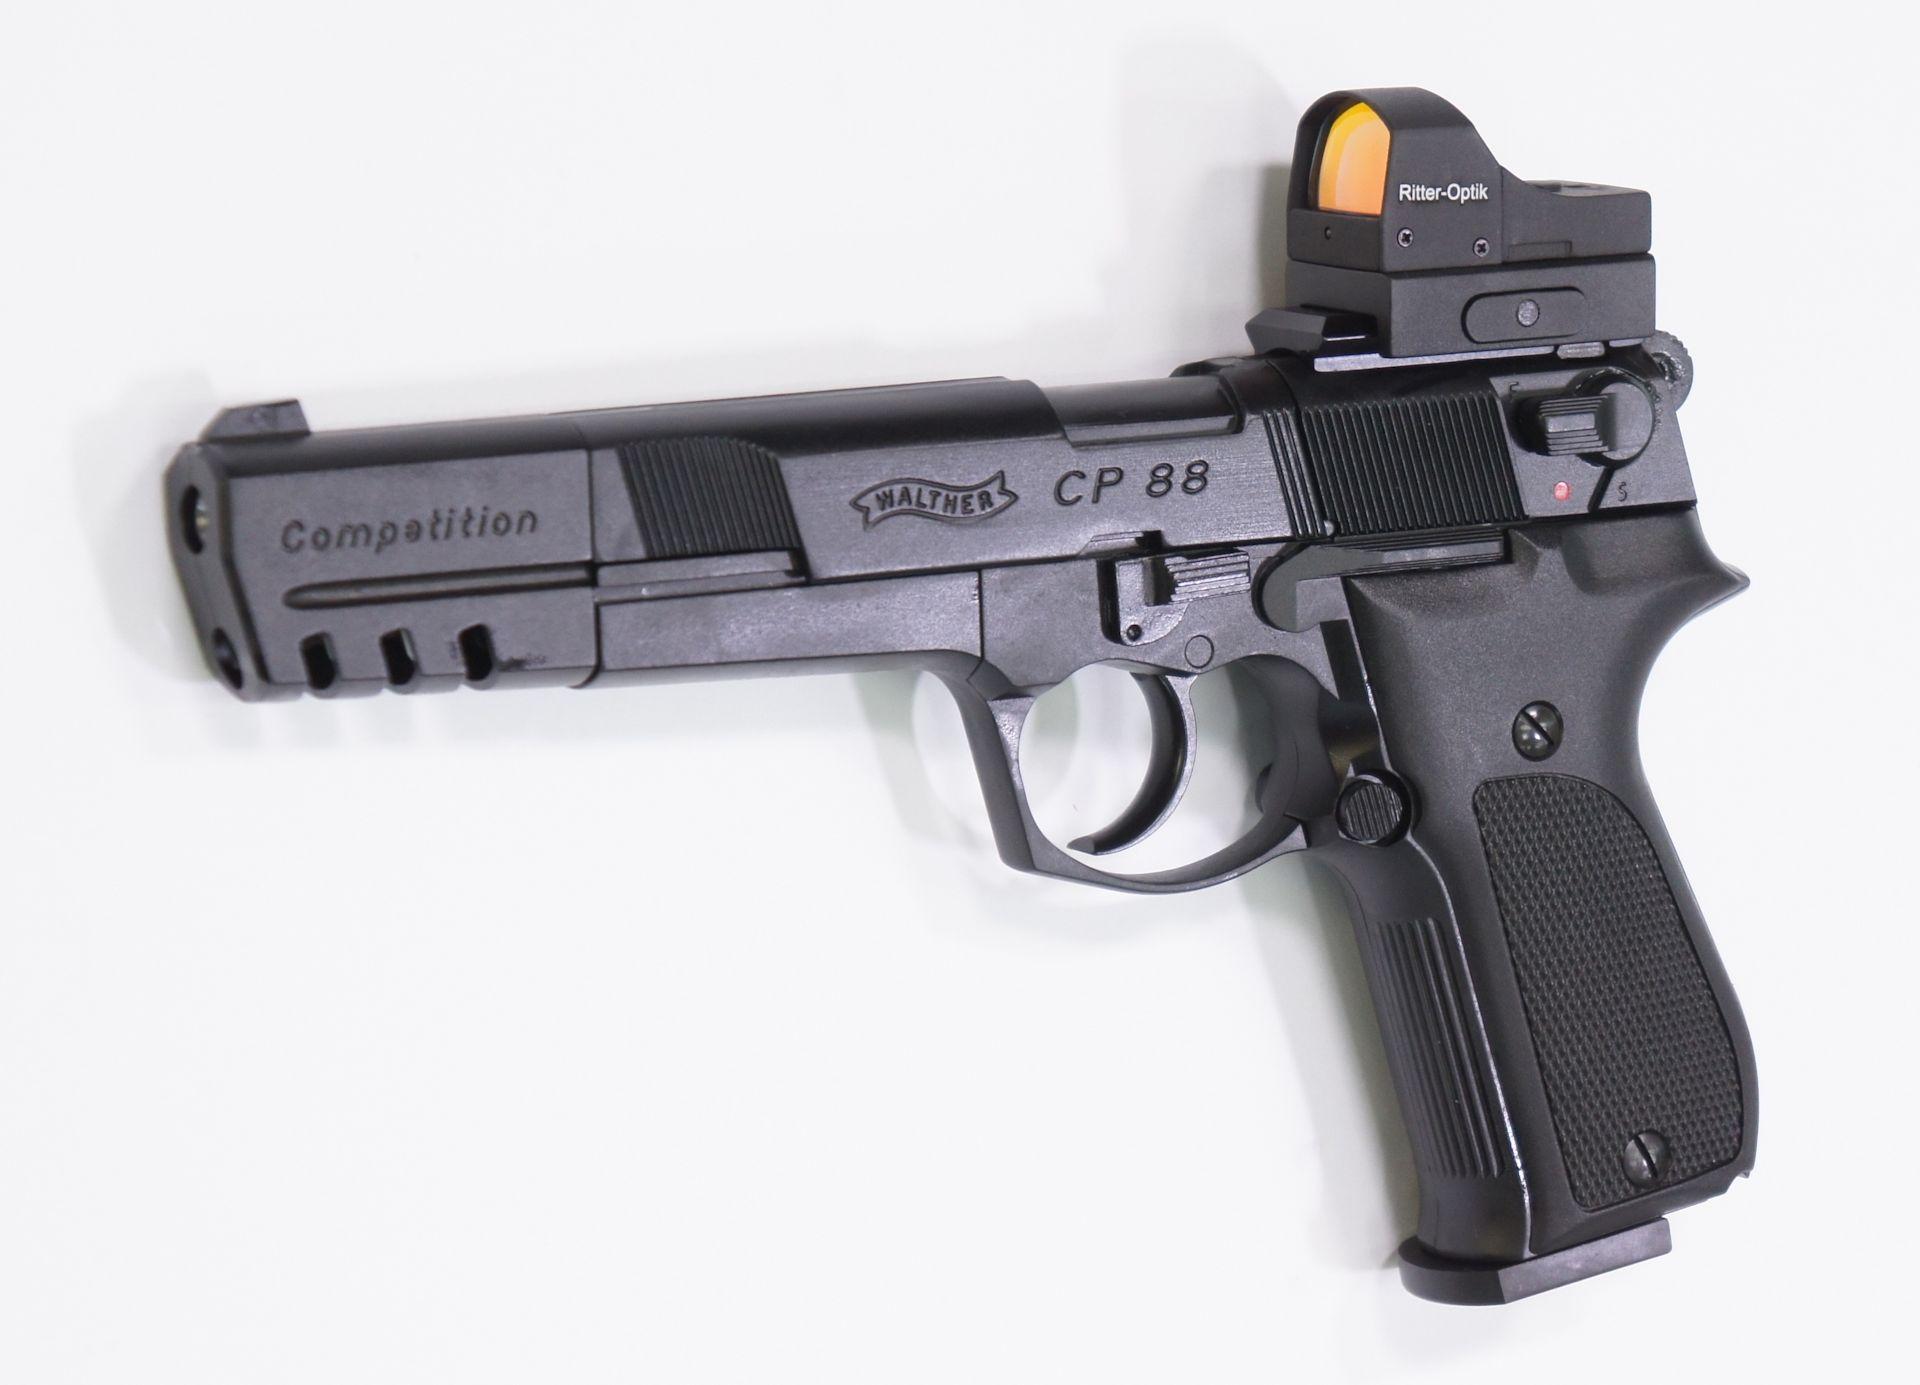 Montagebeispiel auf <a href=1050062.htm>CO2 Pistole CP88 Competition</a>. Hinsichtlich Haltbarkeit und Qualität ist das Reflexvisier eher für Feuerwaffen konzipiert.